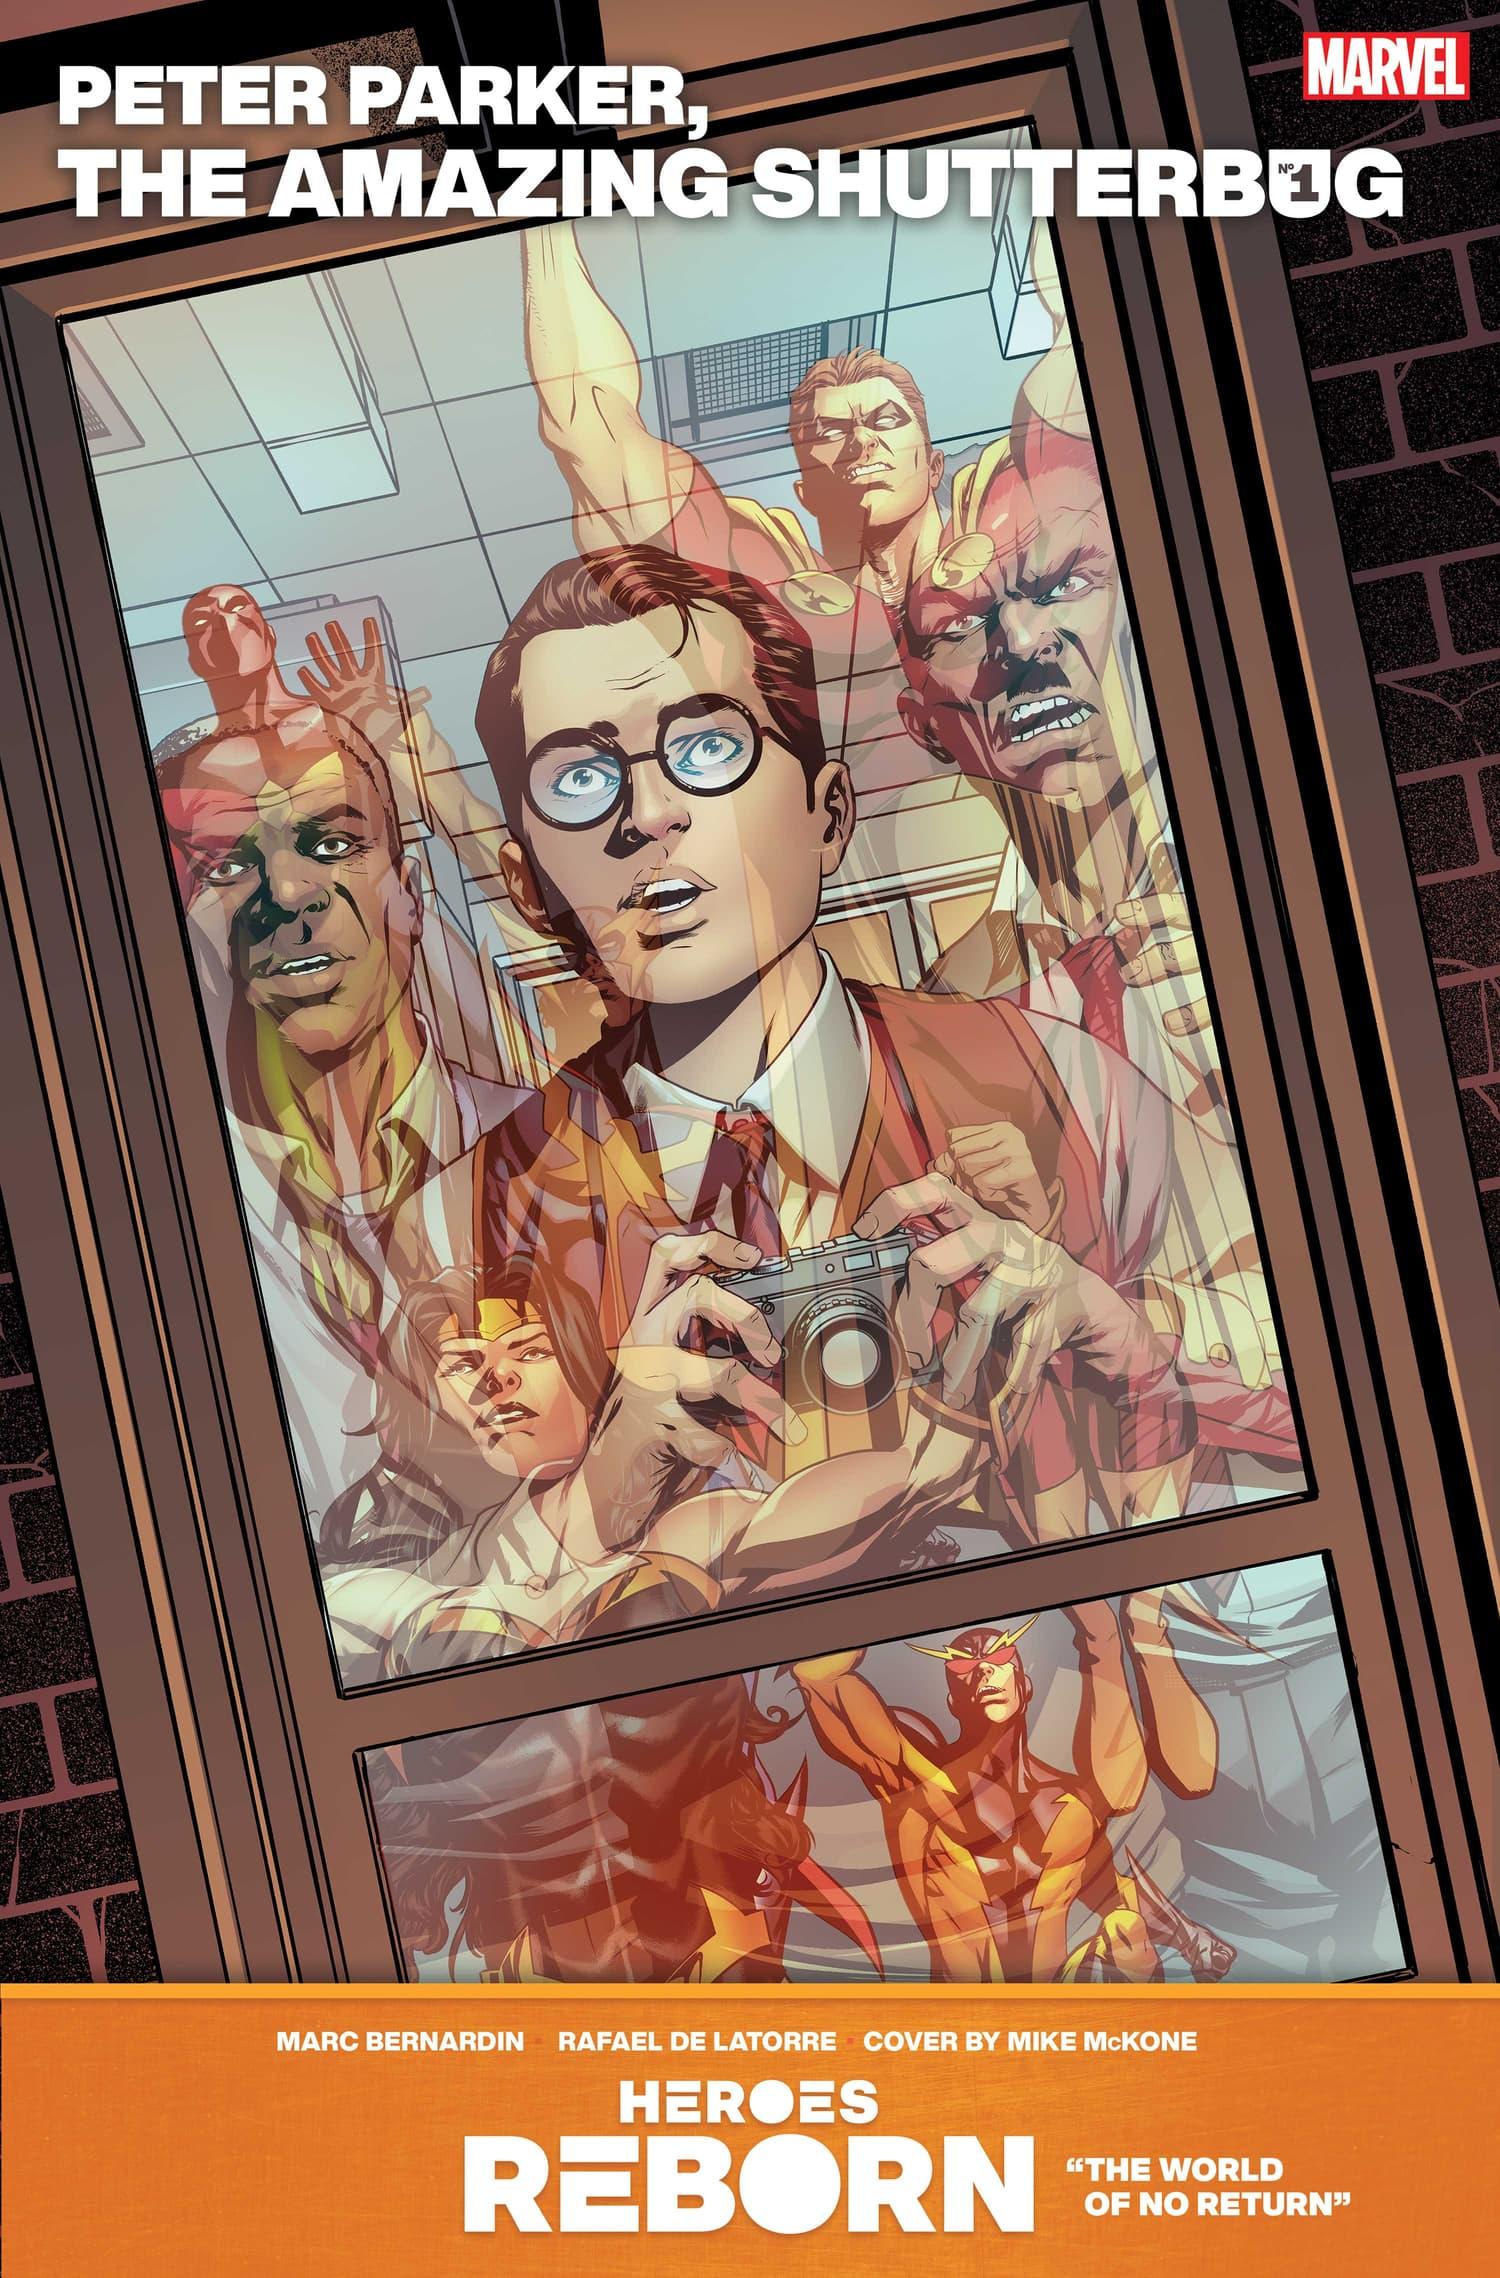 Heroes Reborn Peter Parker